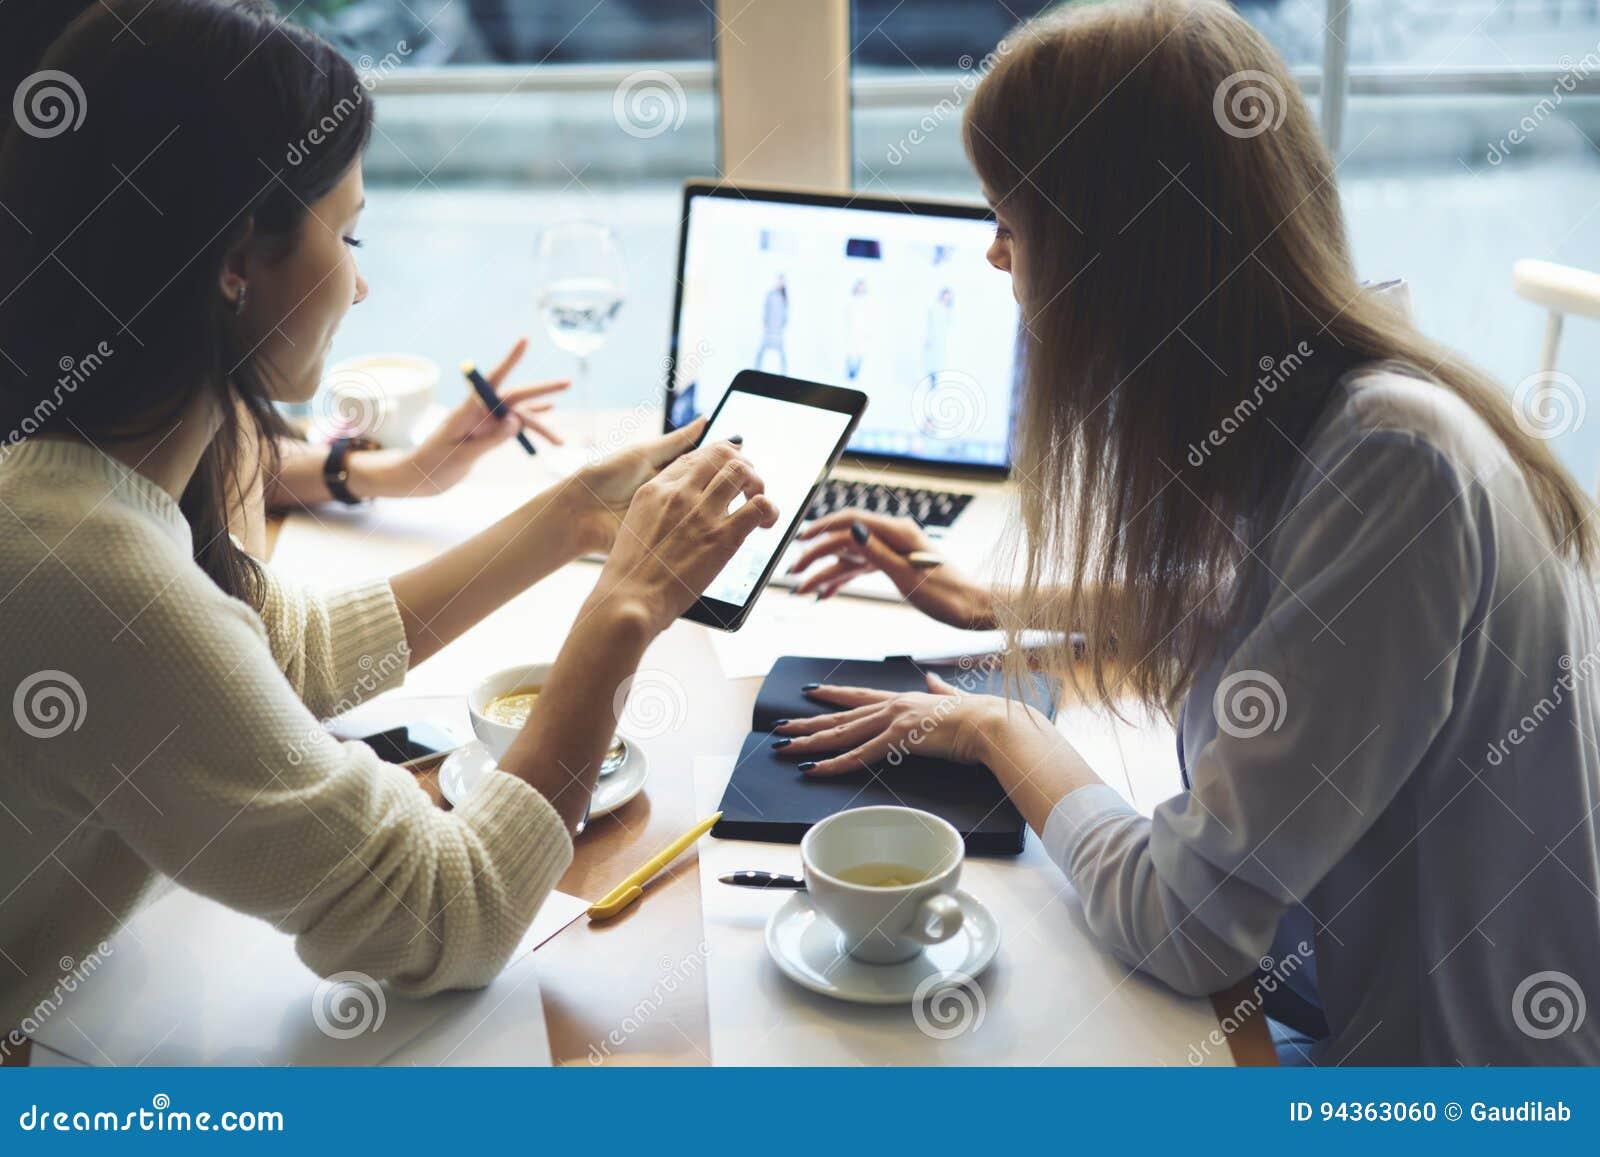 42b0276ace2d I vestiti di progettisti delle ragazze che funzionano insieme i dispositivi  igital con derisione sullo schermo. Download preview. Salva in ...